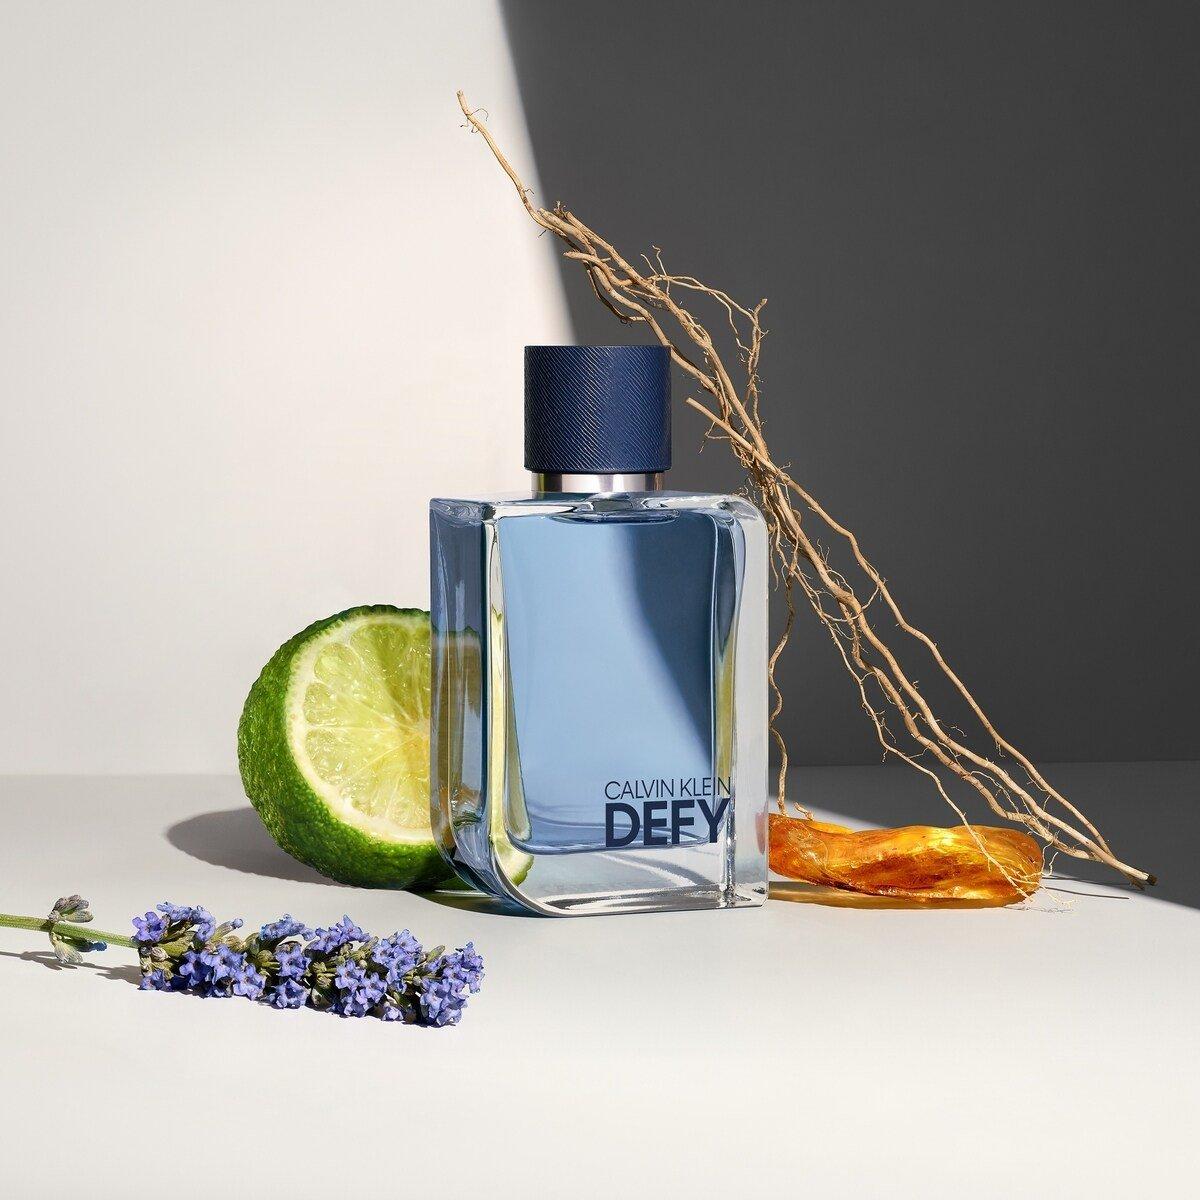 Ingredientes Calvin Klein Defy